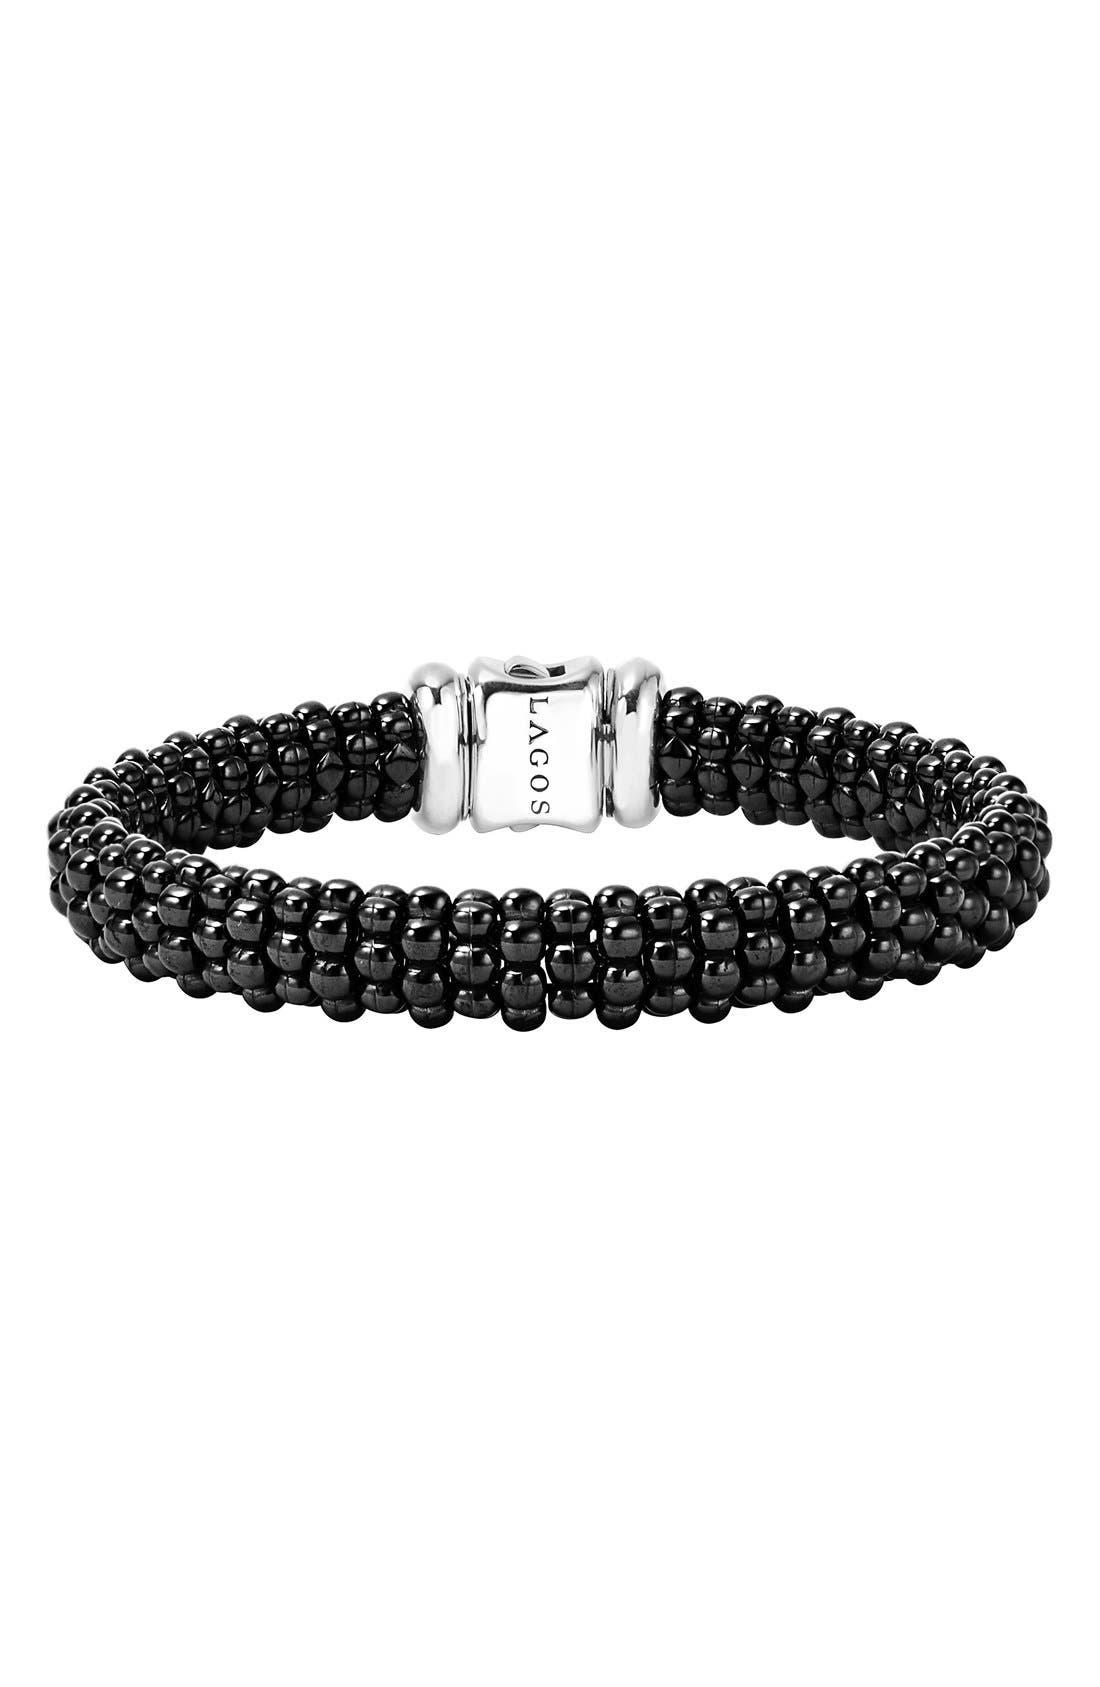 Black Caviar Bracelet,                             Main thumbnail 1, color,                             BLACK CAVIAR